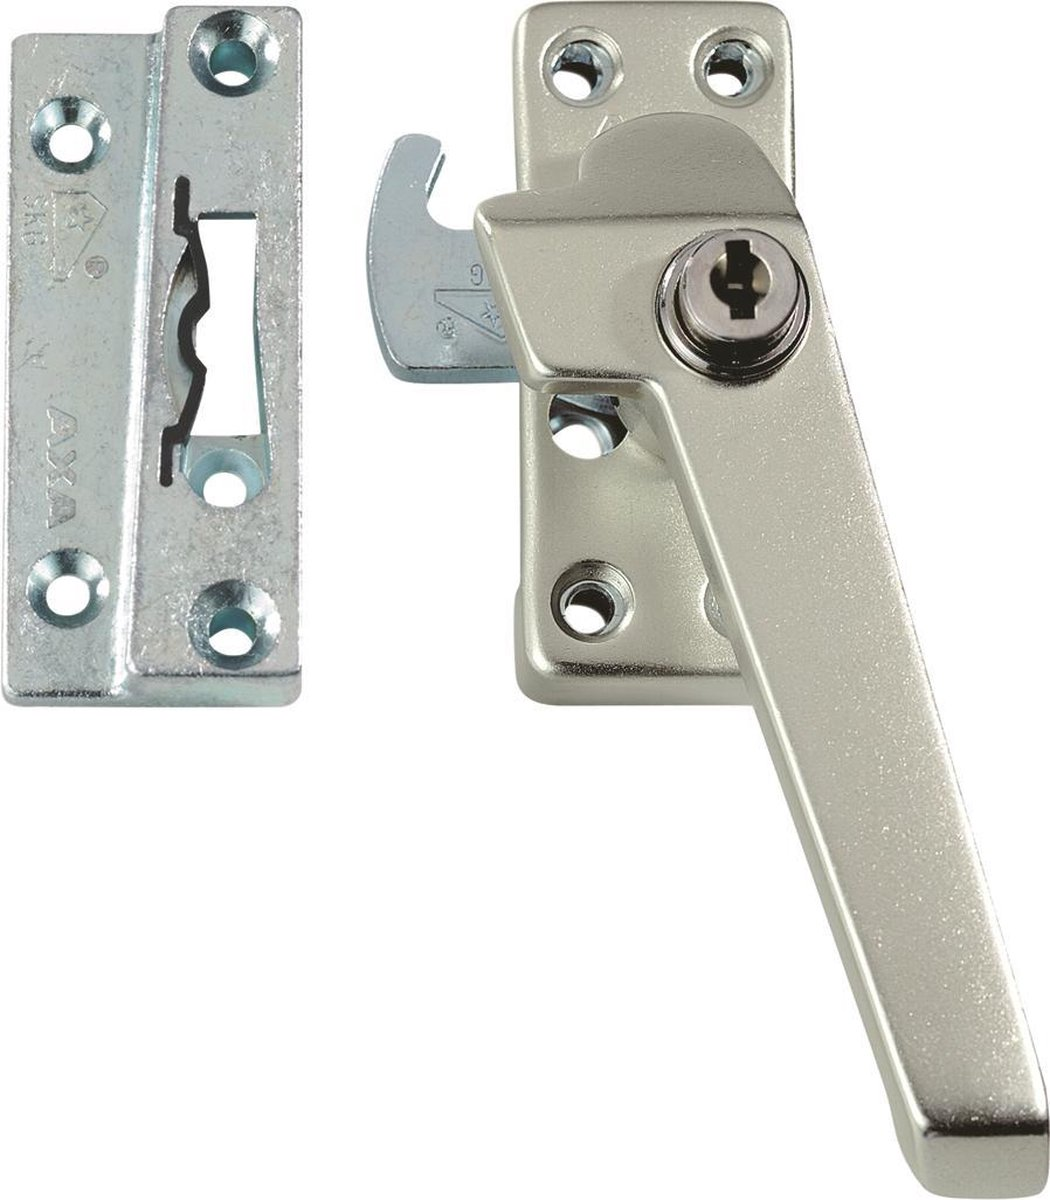 Raamboom AXA 3319 Veiligheids raamsluiting - 3319-51-92/GE - draairichting 3 - Aluminium F2